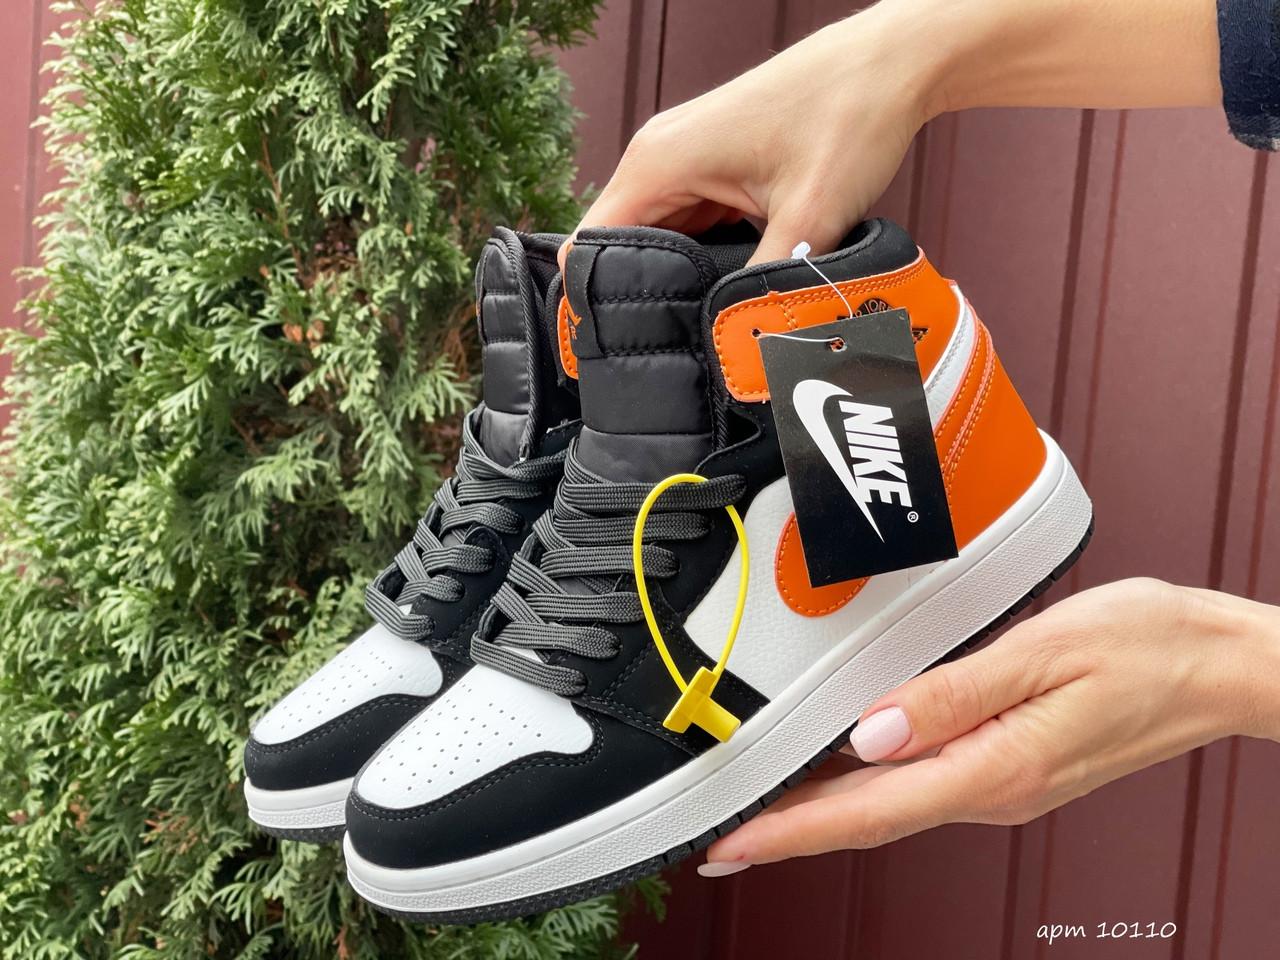 Кросівки жіночі в стилі Nike Air Jordan 1 Retro білі з помаранчевим